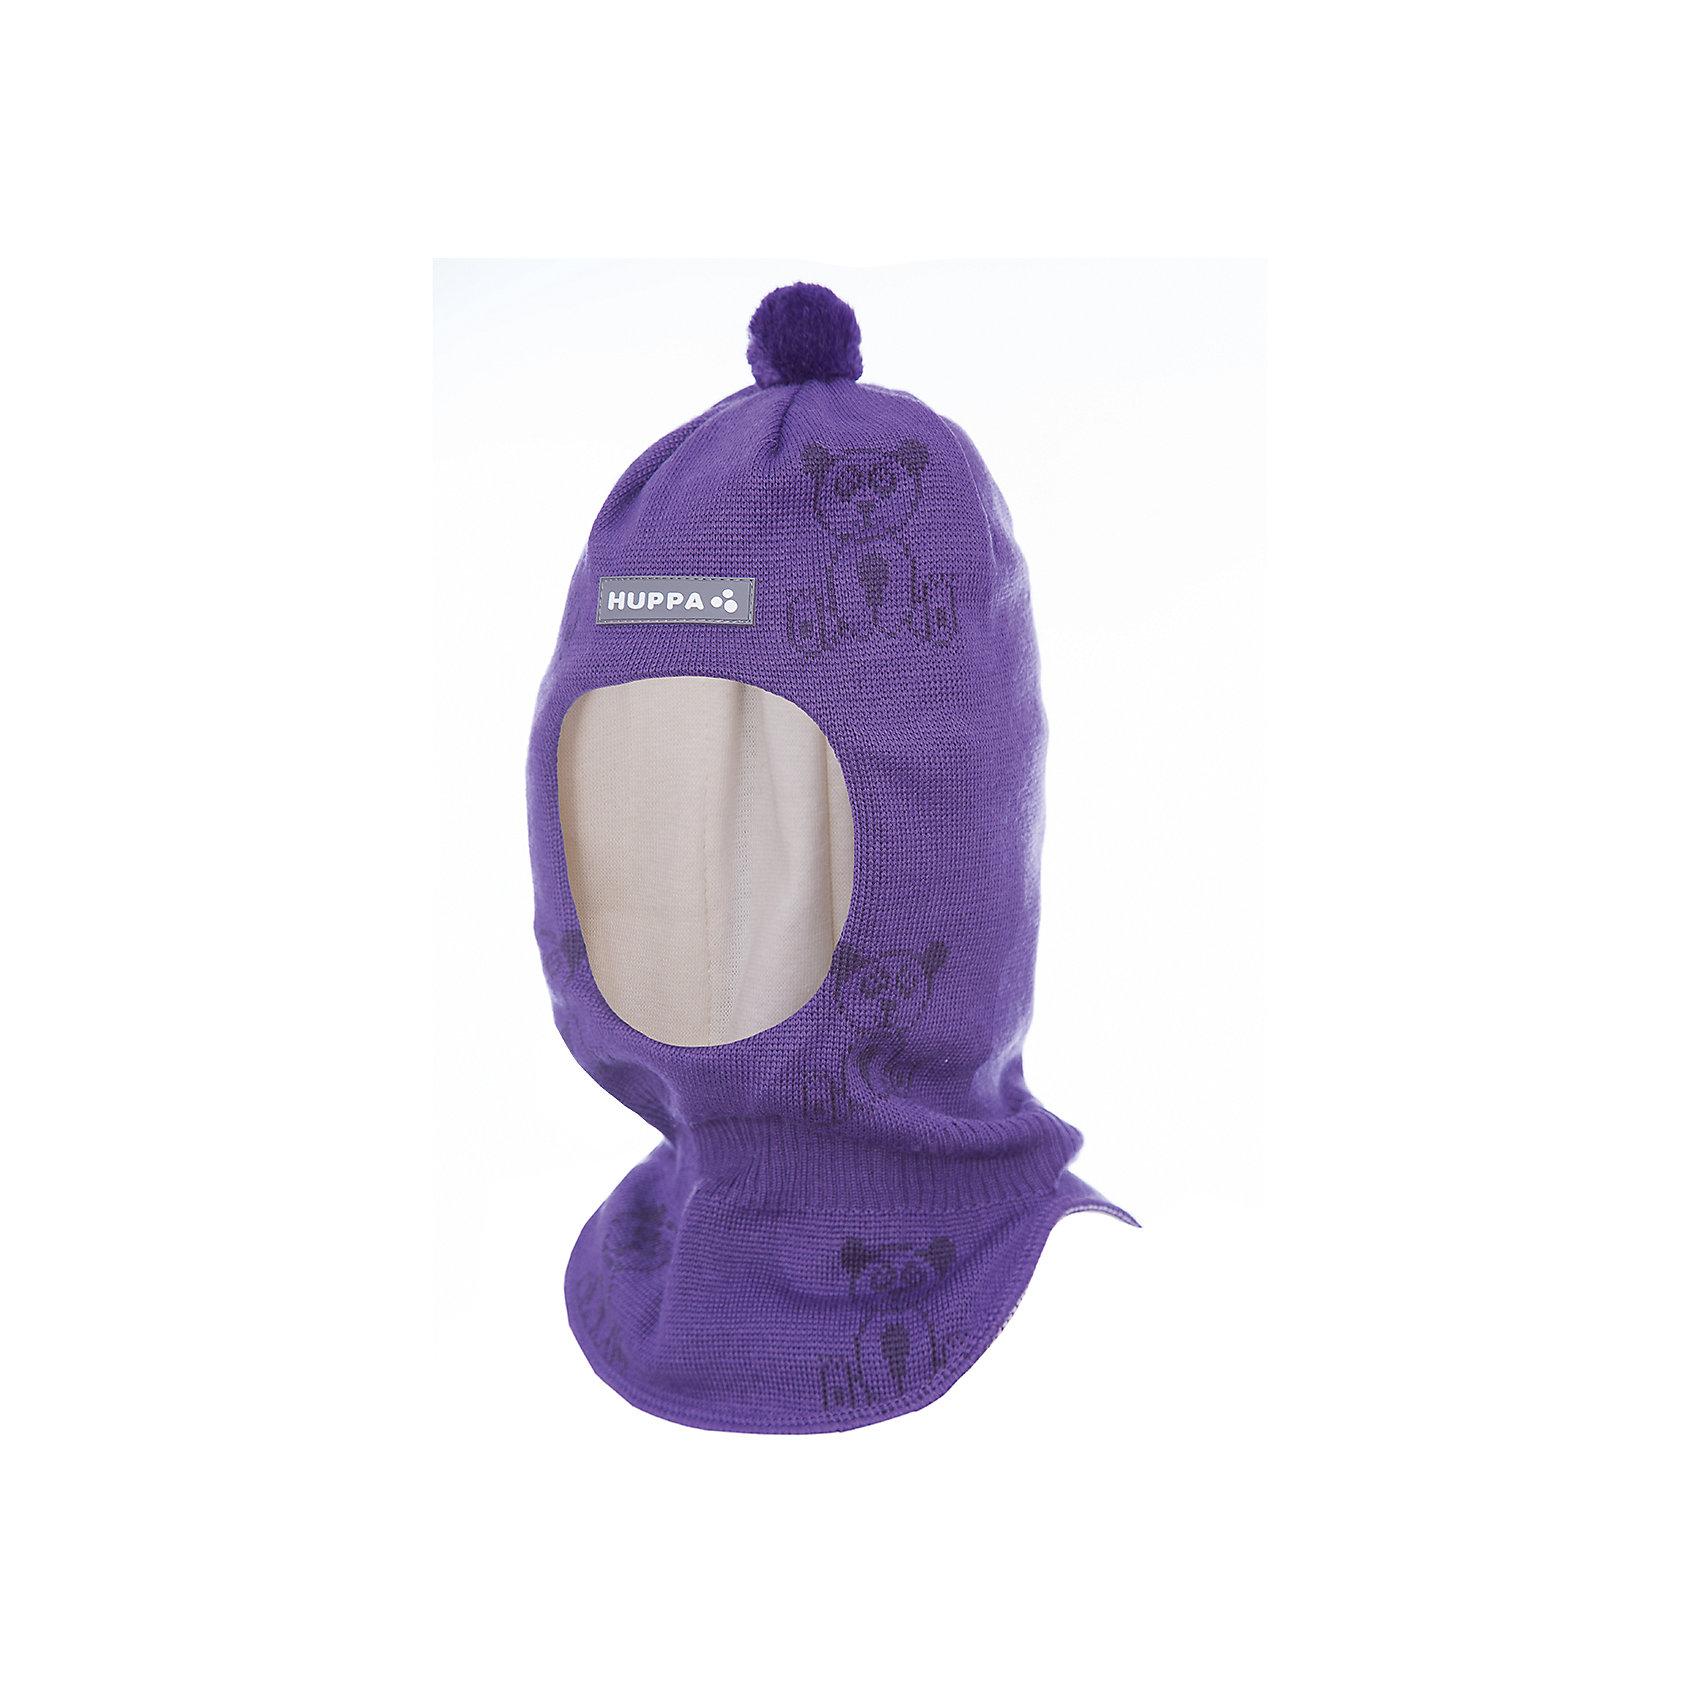 Шапка-шлем Huppa KeldaГоловные уборы<br>Вязаная шапка-шлем для детей KELDA.Теплая вязаная шапочка на хлопковой подкладке, прекрассно подойдет для повседневных прогулок в холодную погоду.<br>Состав:<br>50% мерс.шерсть, 50% акрил<br><br>Ширина мм: 89<br>Глубина мм: 117<br>Высота мм: 44<br>Вес г: 155<br>Цвет: лиловый<br>Возраст от месяцев: 3<br>Возраст до месяцев: 12<br>Пол: Унисекс<br>Возраст: Детский<br>Размер: 43-45,51-53,47-49<br>SKU: 7029385